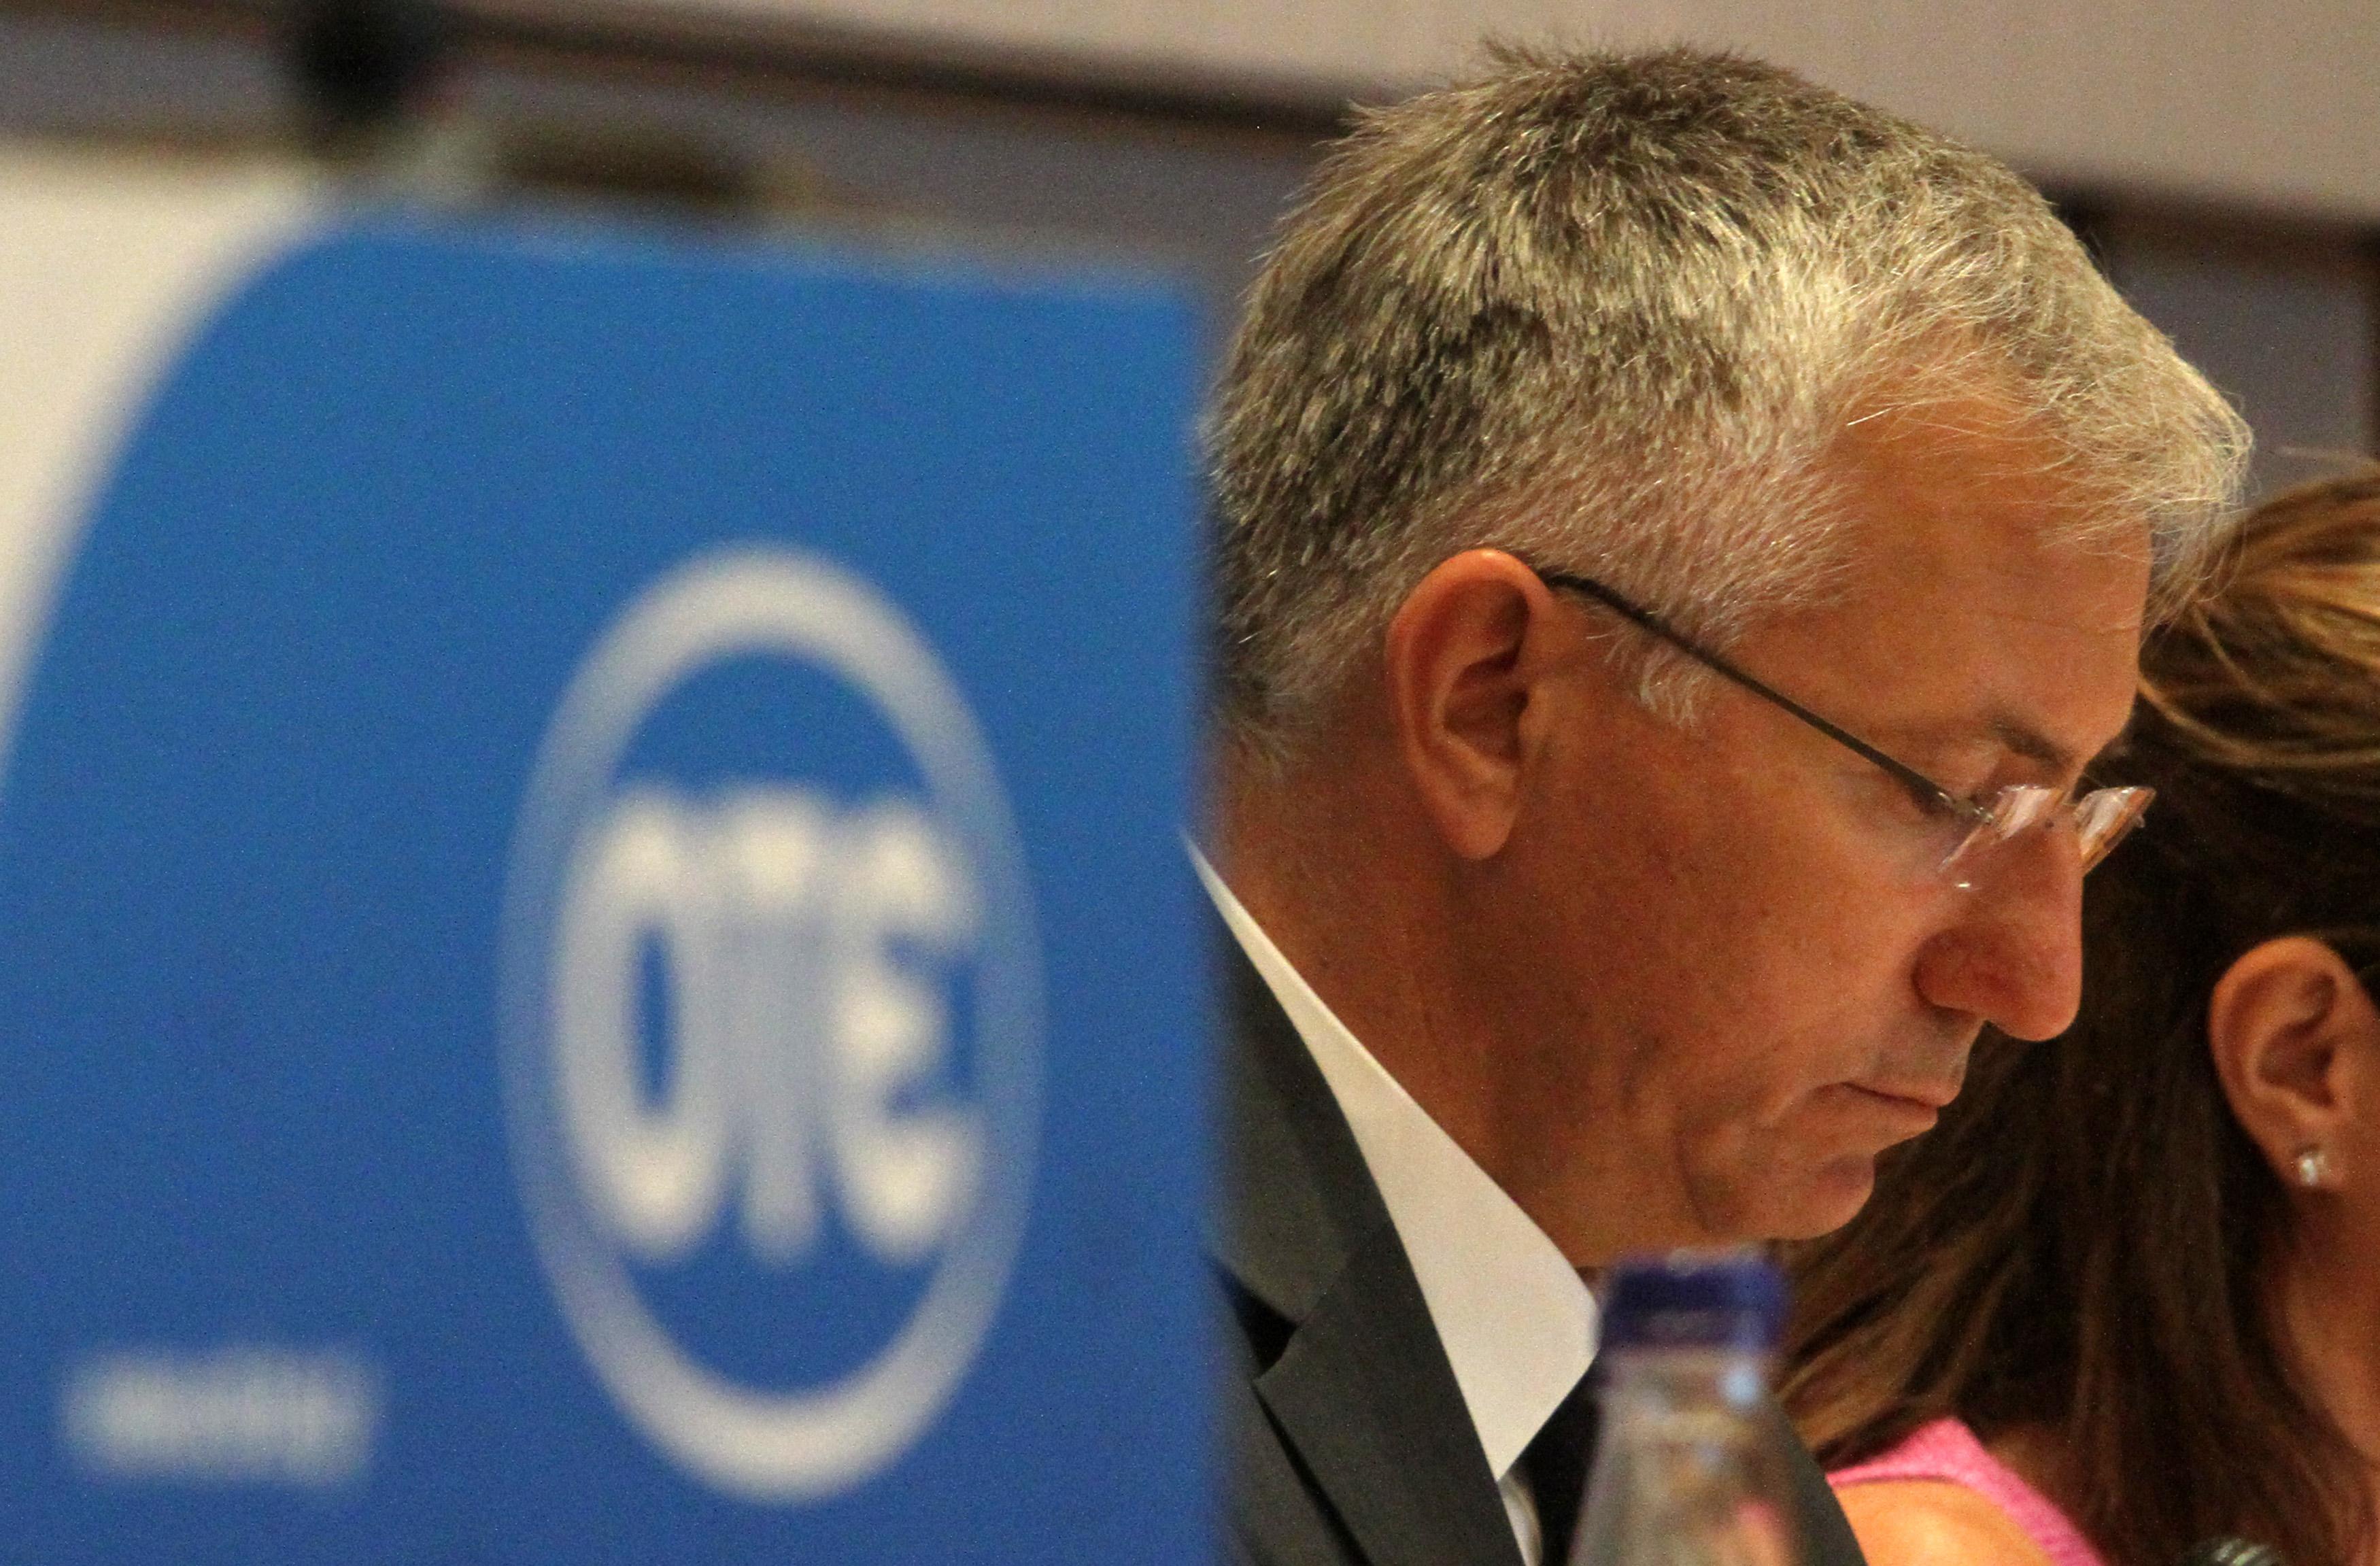 ΟΤΕ: «Προτεραιότητά μας το χρέος ύψους 3,4 δισ. ευρώ» | tovima.gr